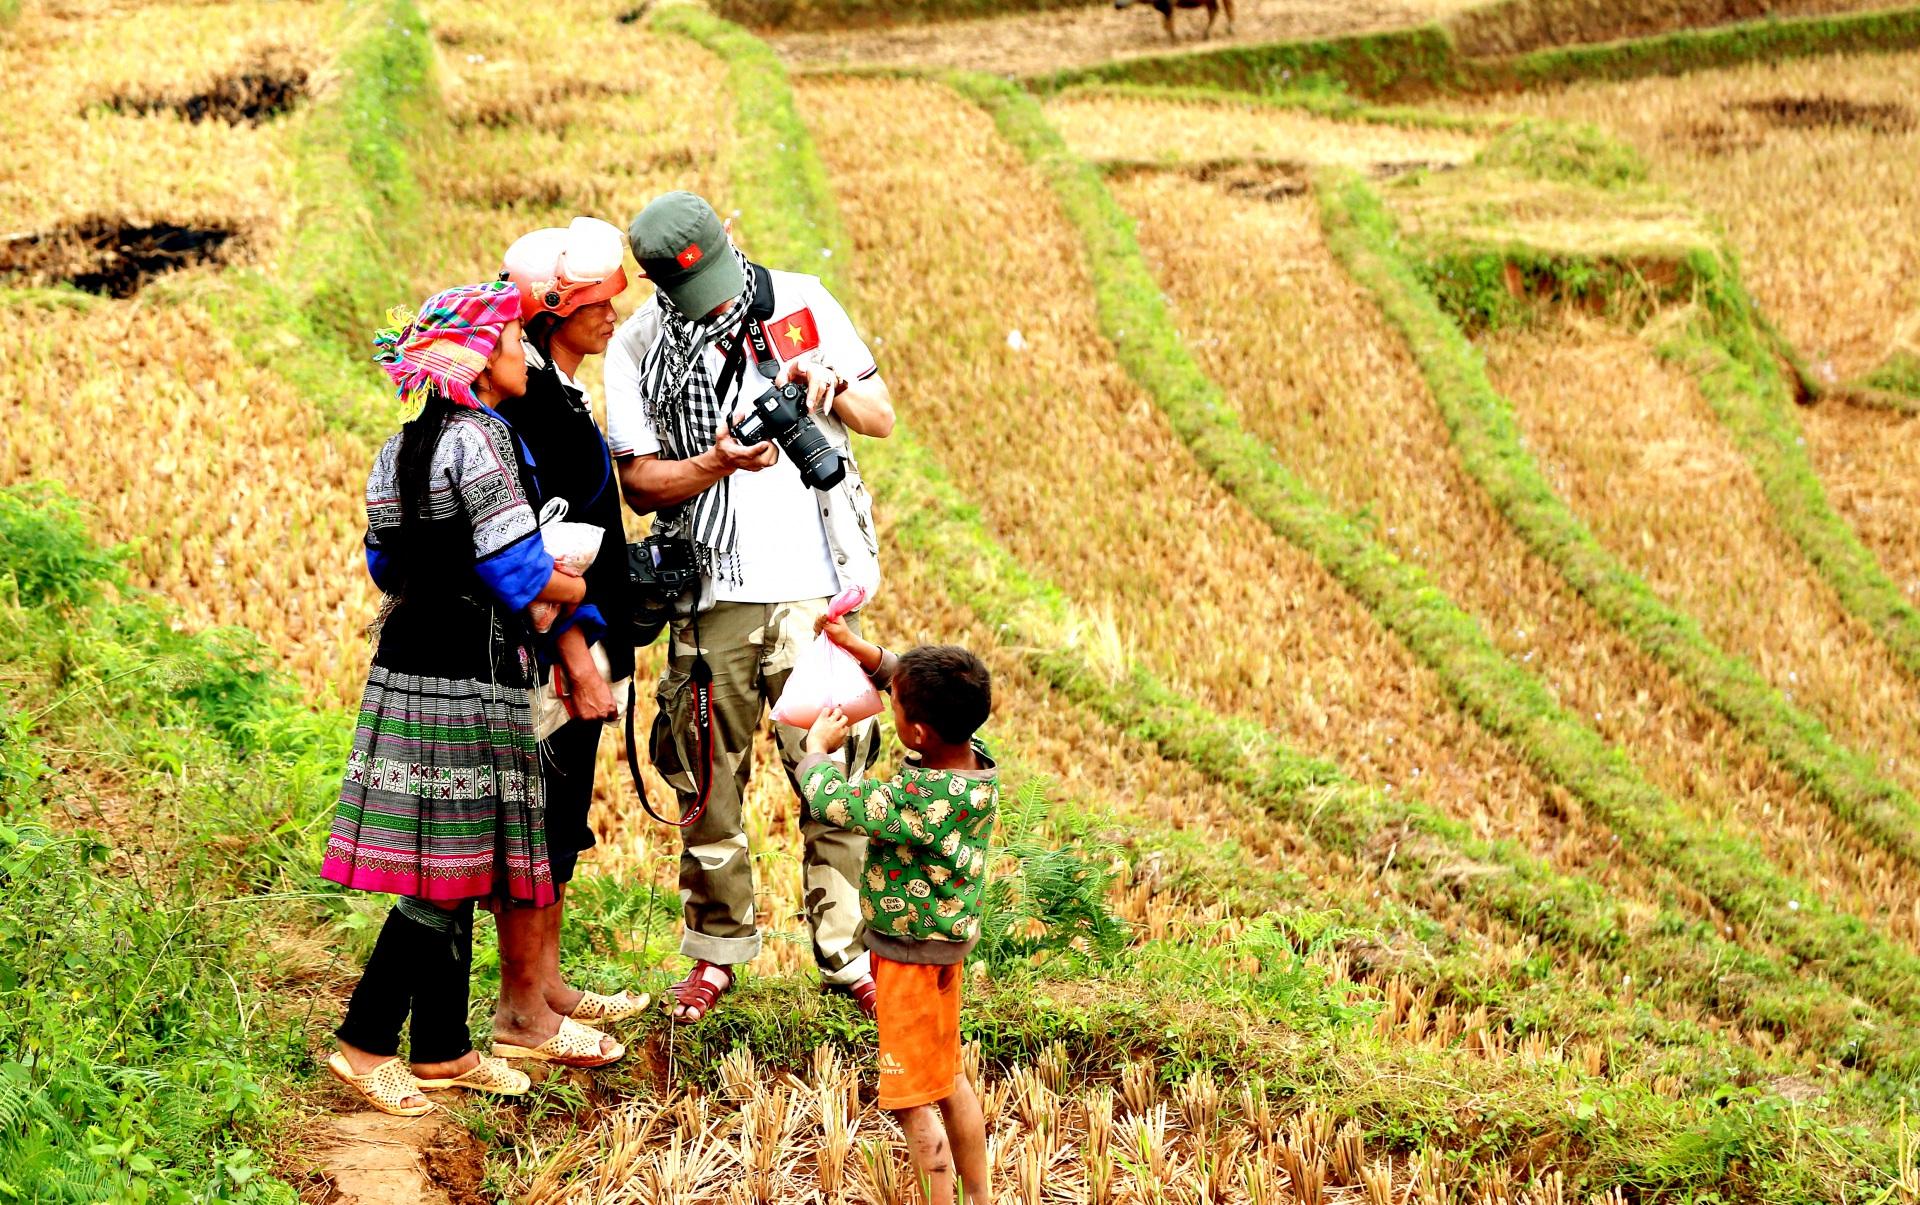 Báo chí luôn đồng hành cùng sự phát triển đất nước, quảng bá hình ảnh Việt Nam ra thế giới